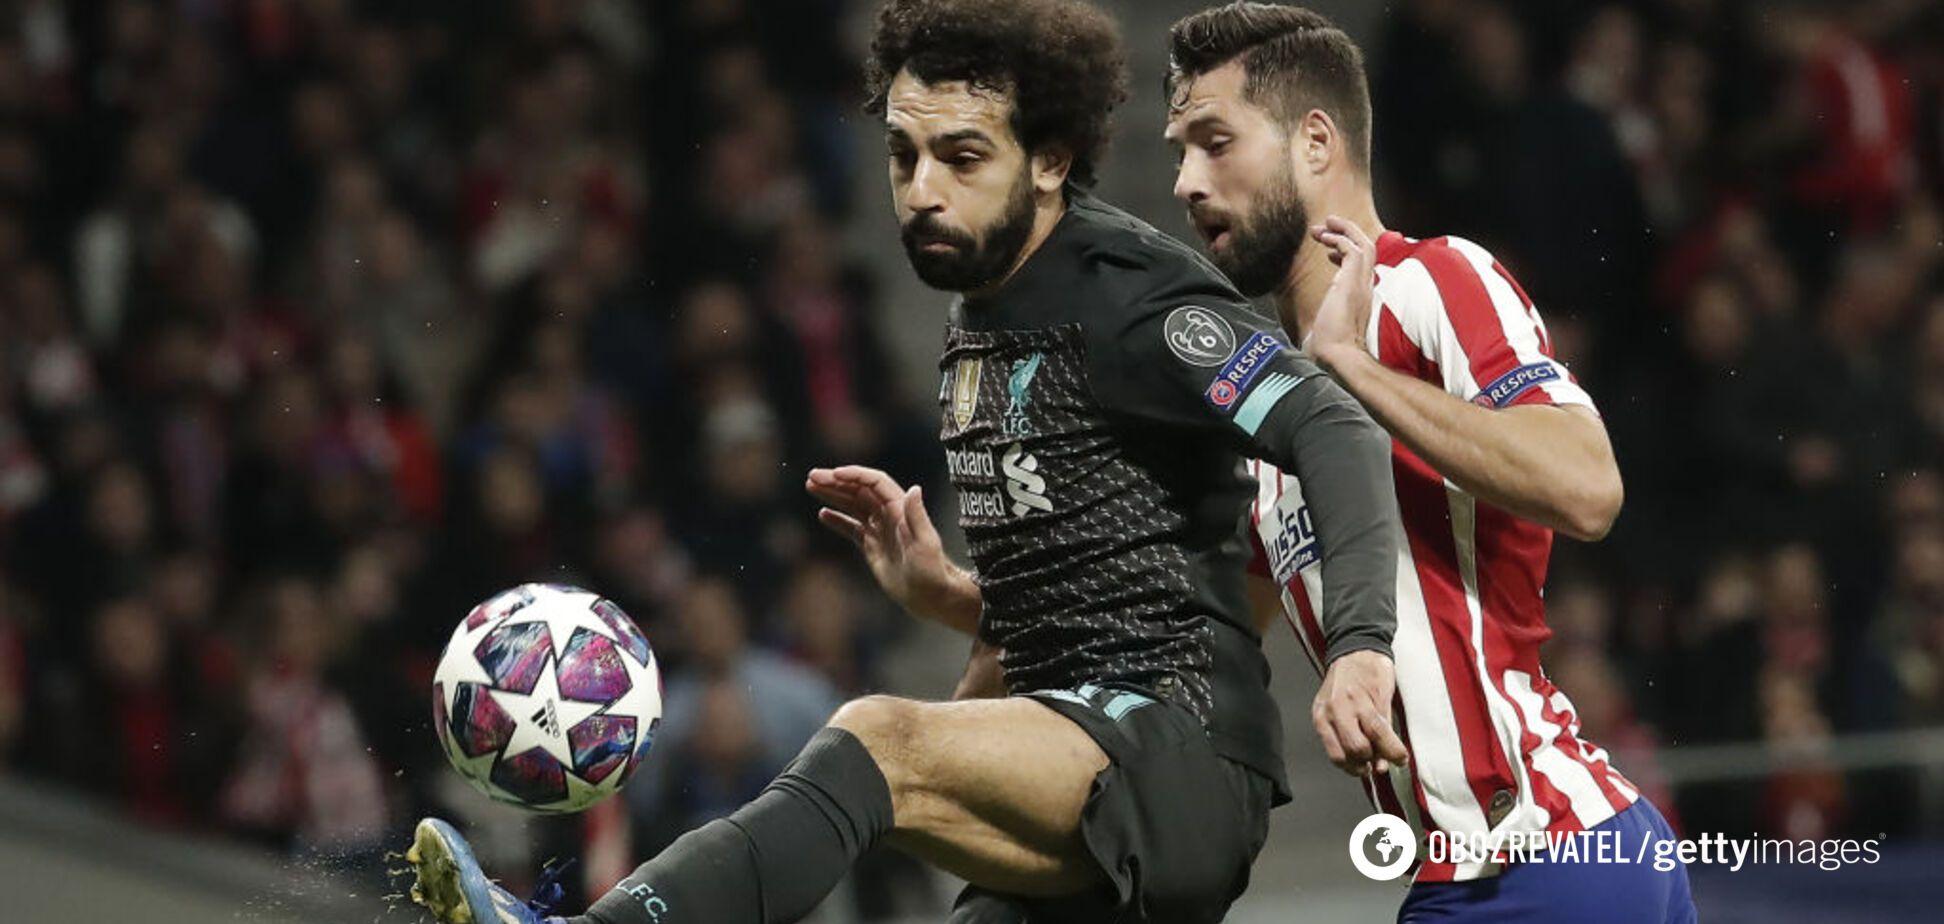 'Ливерпуль' – 'Атлетико': где смотреть онлайн матч 1/8 финала Лиги чемпионов